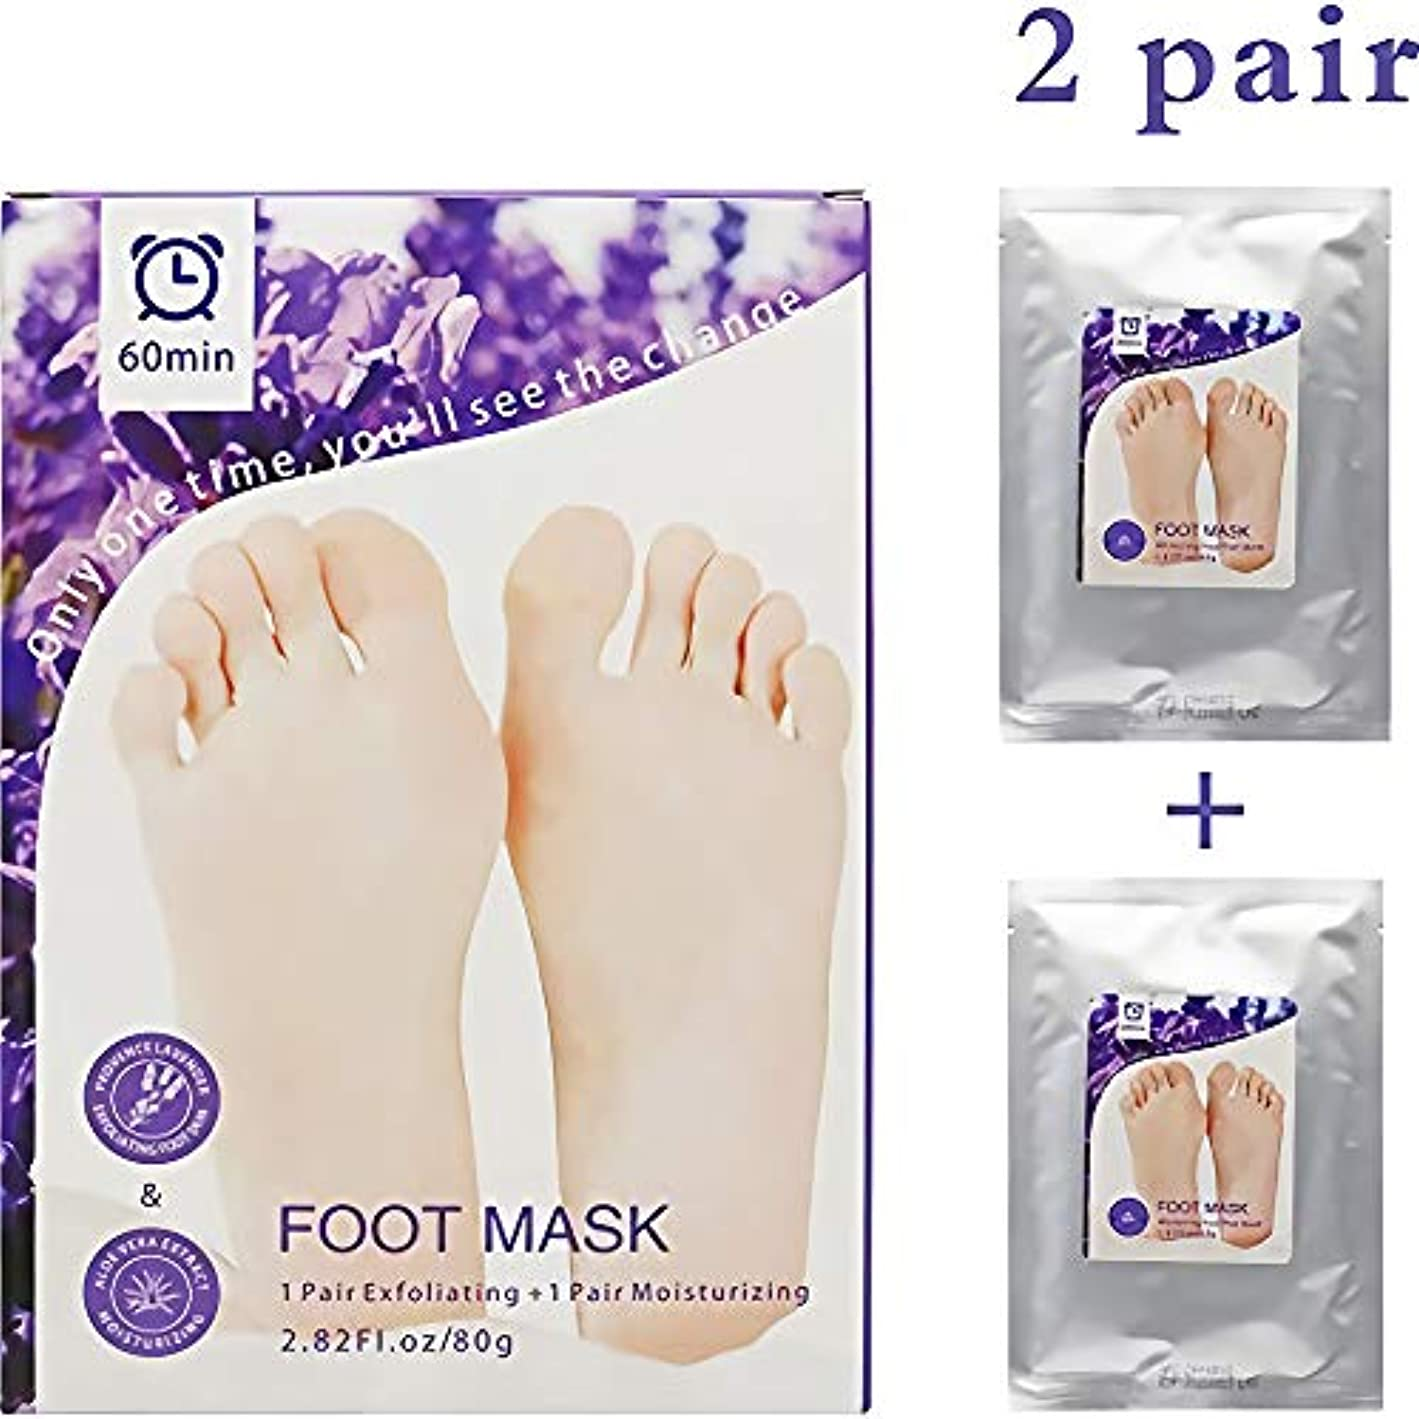 耕す贅沢な特性男性と女性のための適切なフットピーリングマスク2ペア、エクスフォリエイティング保湿マスクフット、滑らかに適した古い皮膚を削除する靴底の柔らかさ、